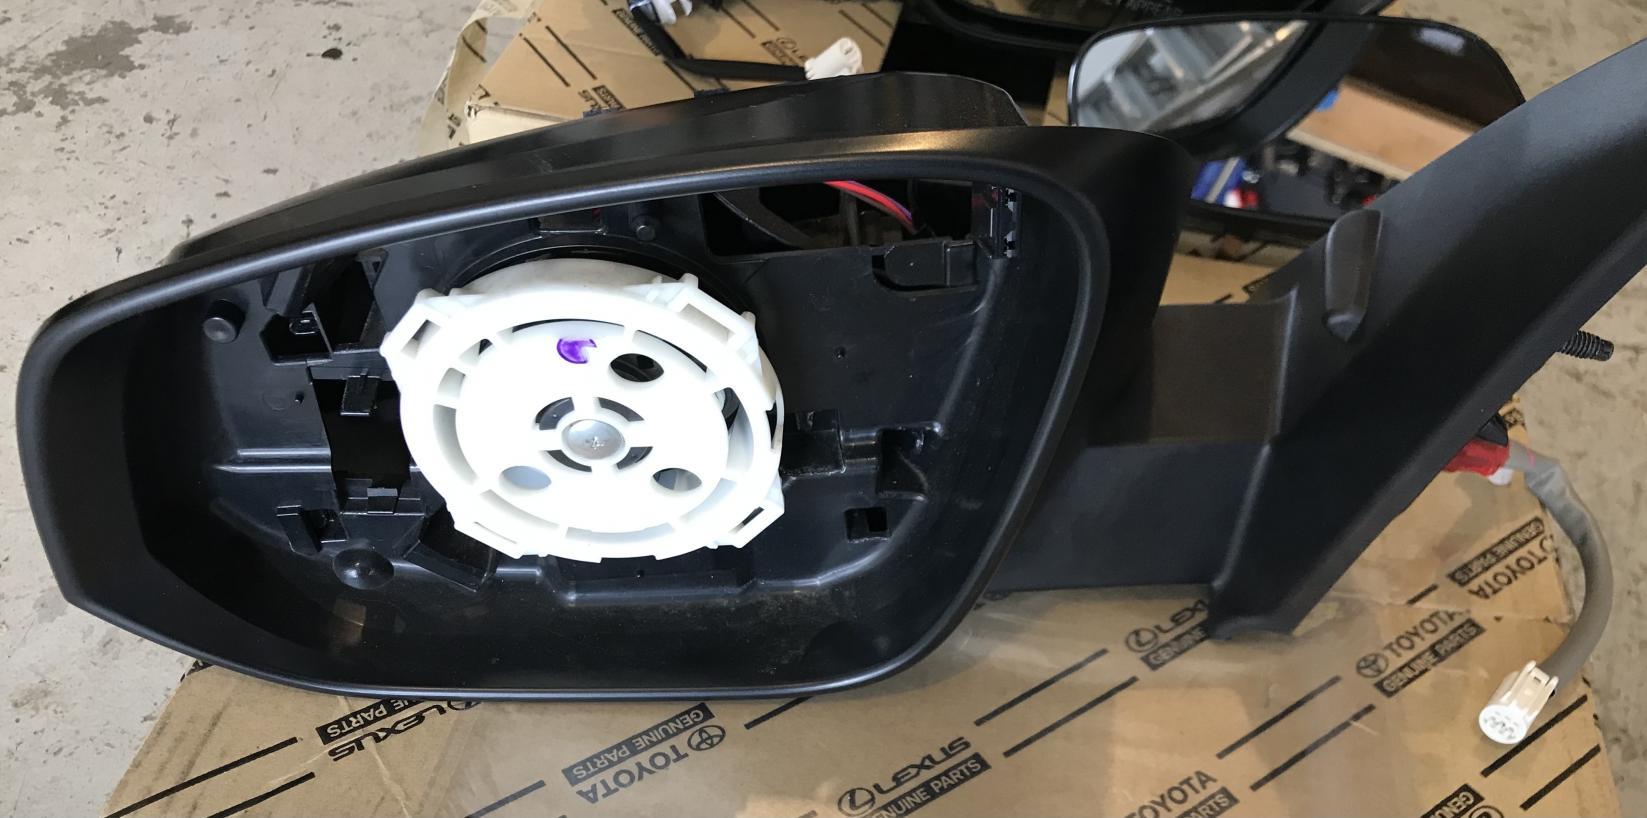 FS: NJ; OEM R&L Non-Premium Side Mirrors-7da743af-4c29-4006-a785-97cec838a48c-jpg